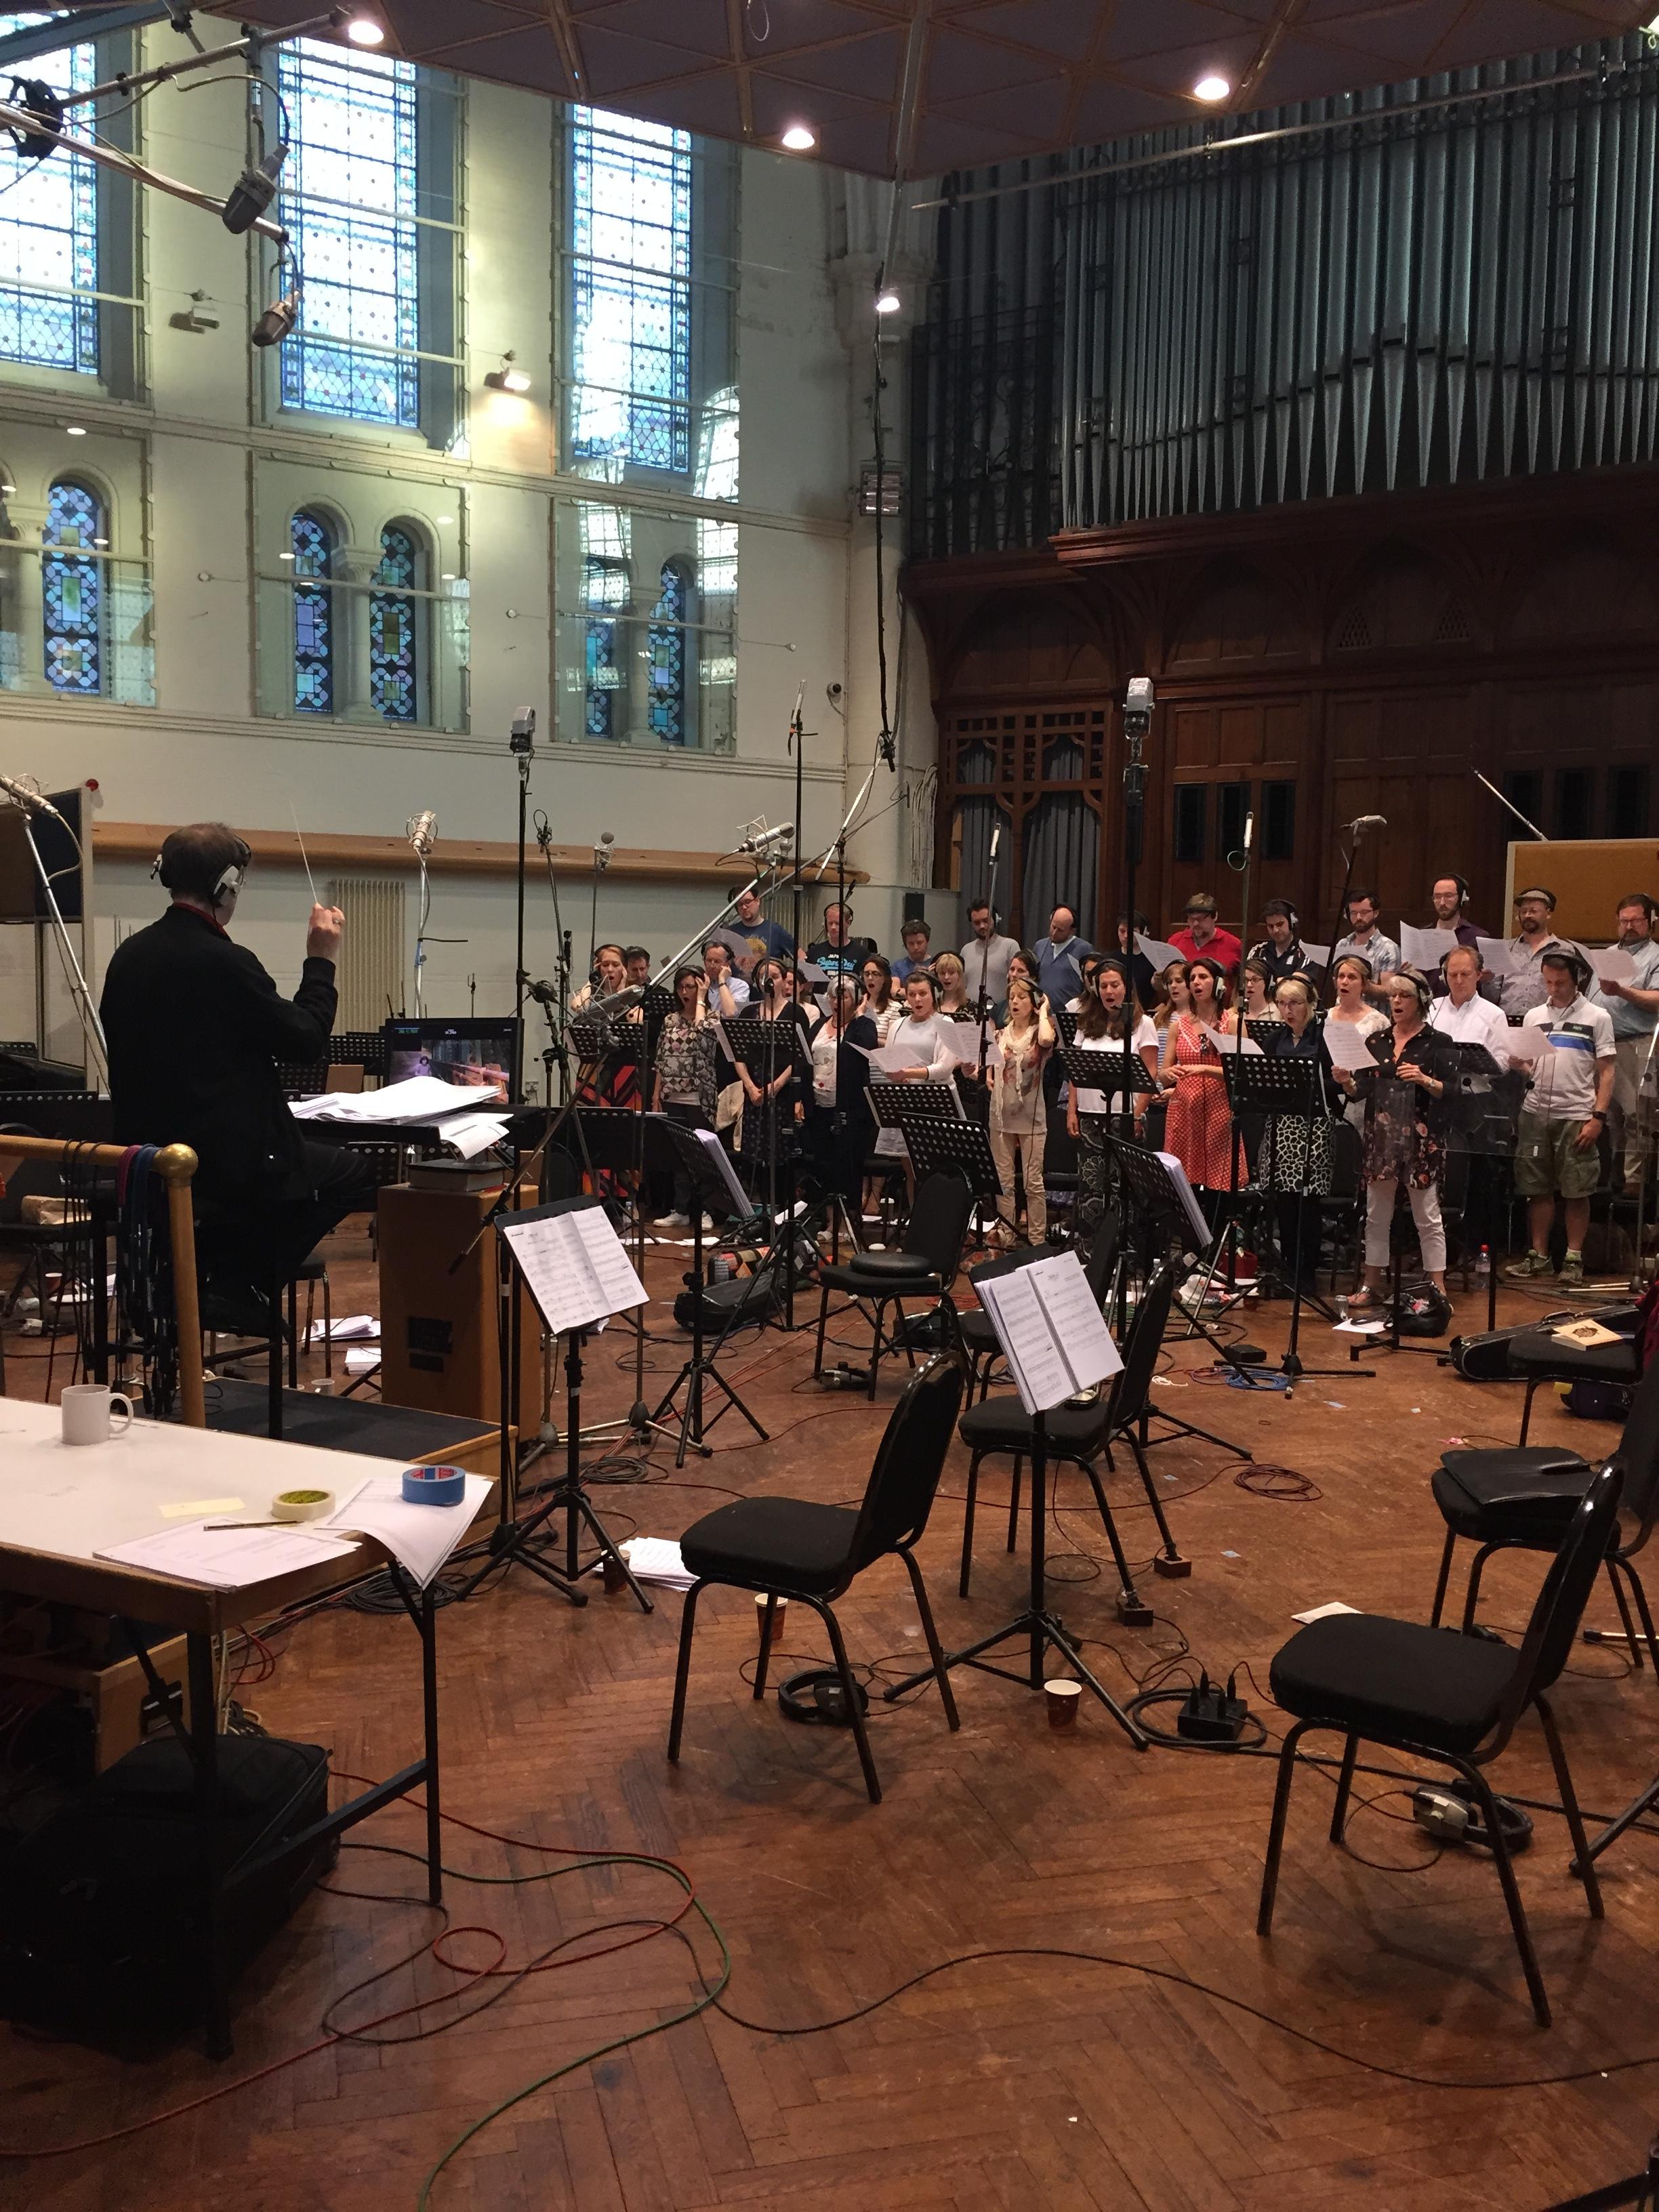 Kaska Conducting a Choir at Air Studios